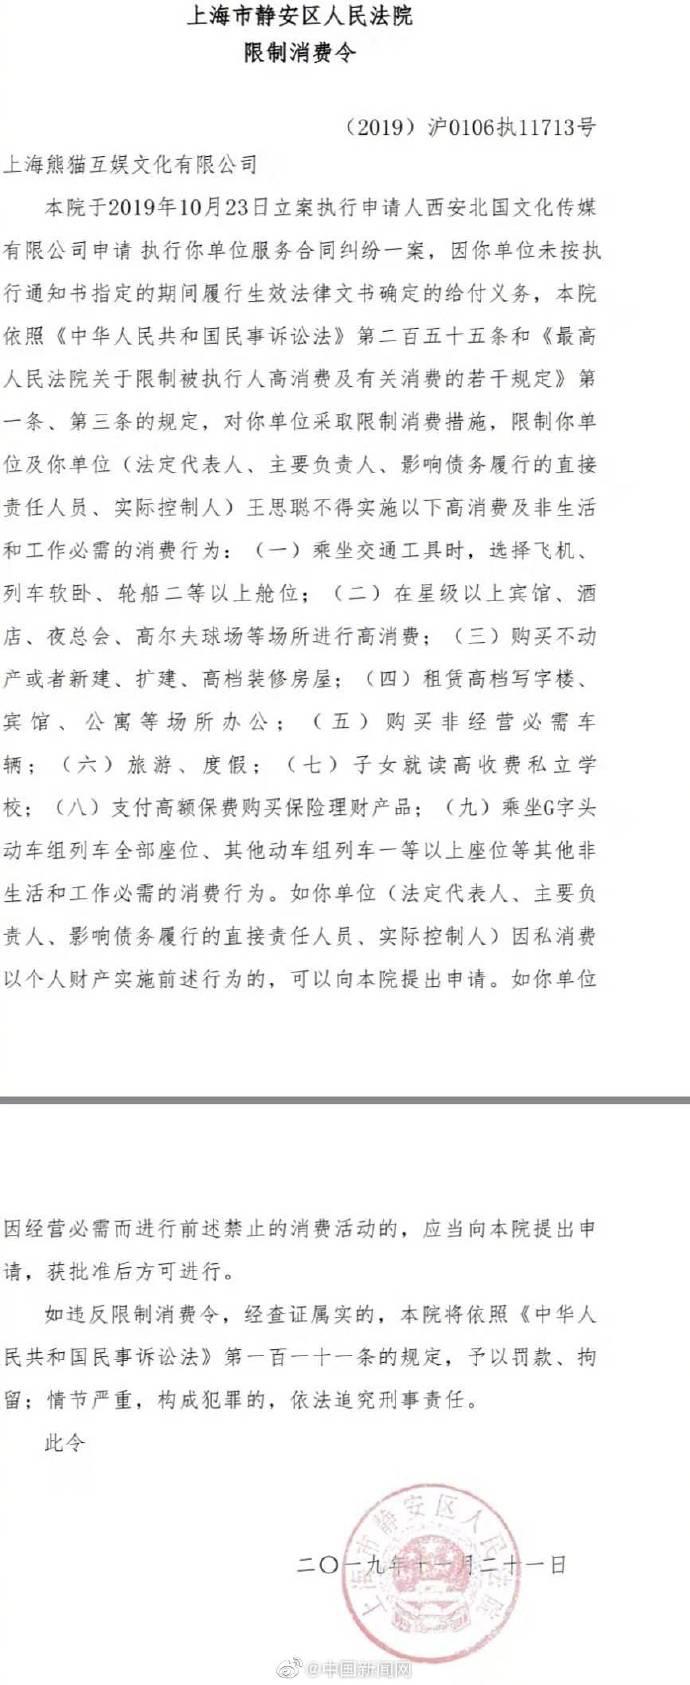 本文图均为 微博@中国新闻网 图